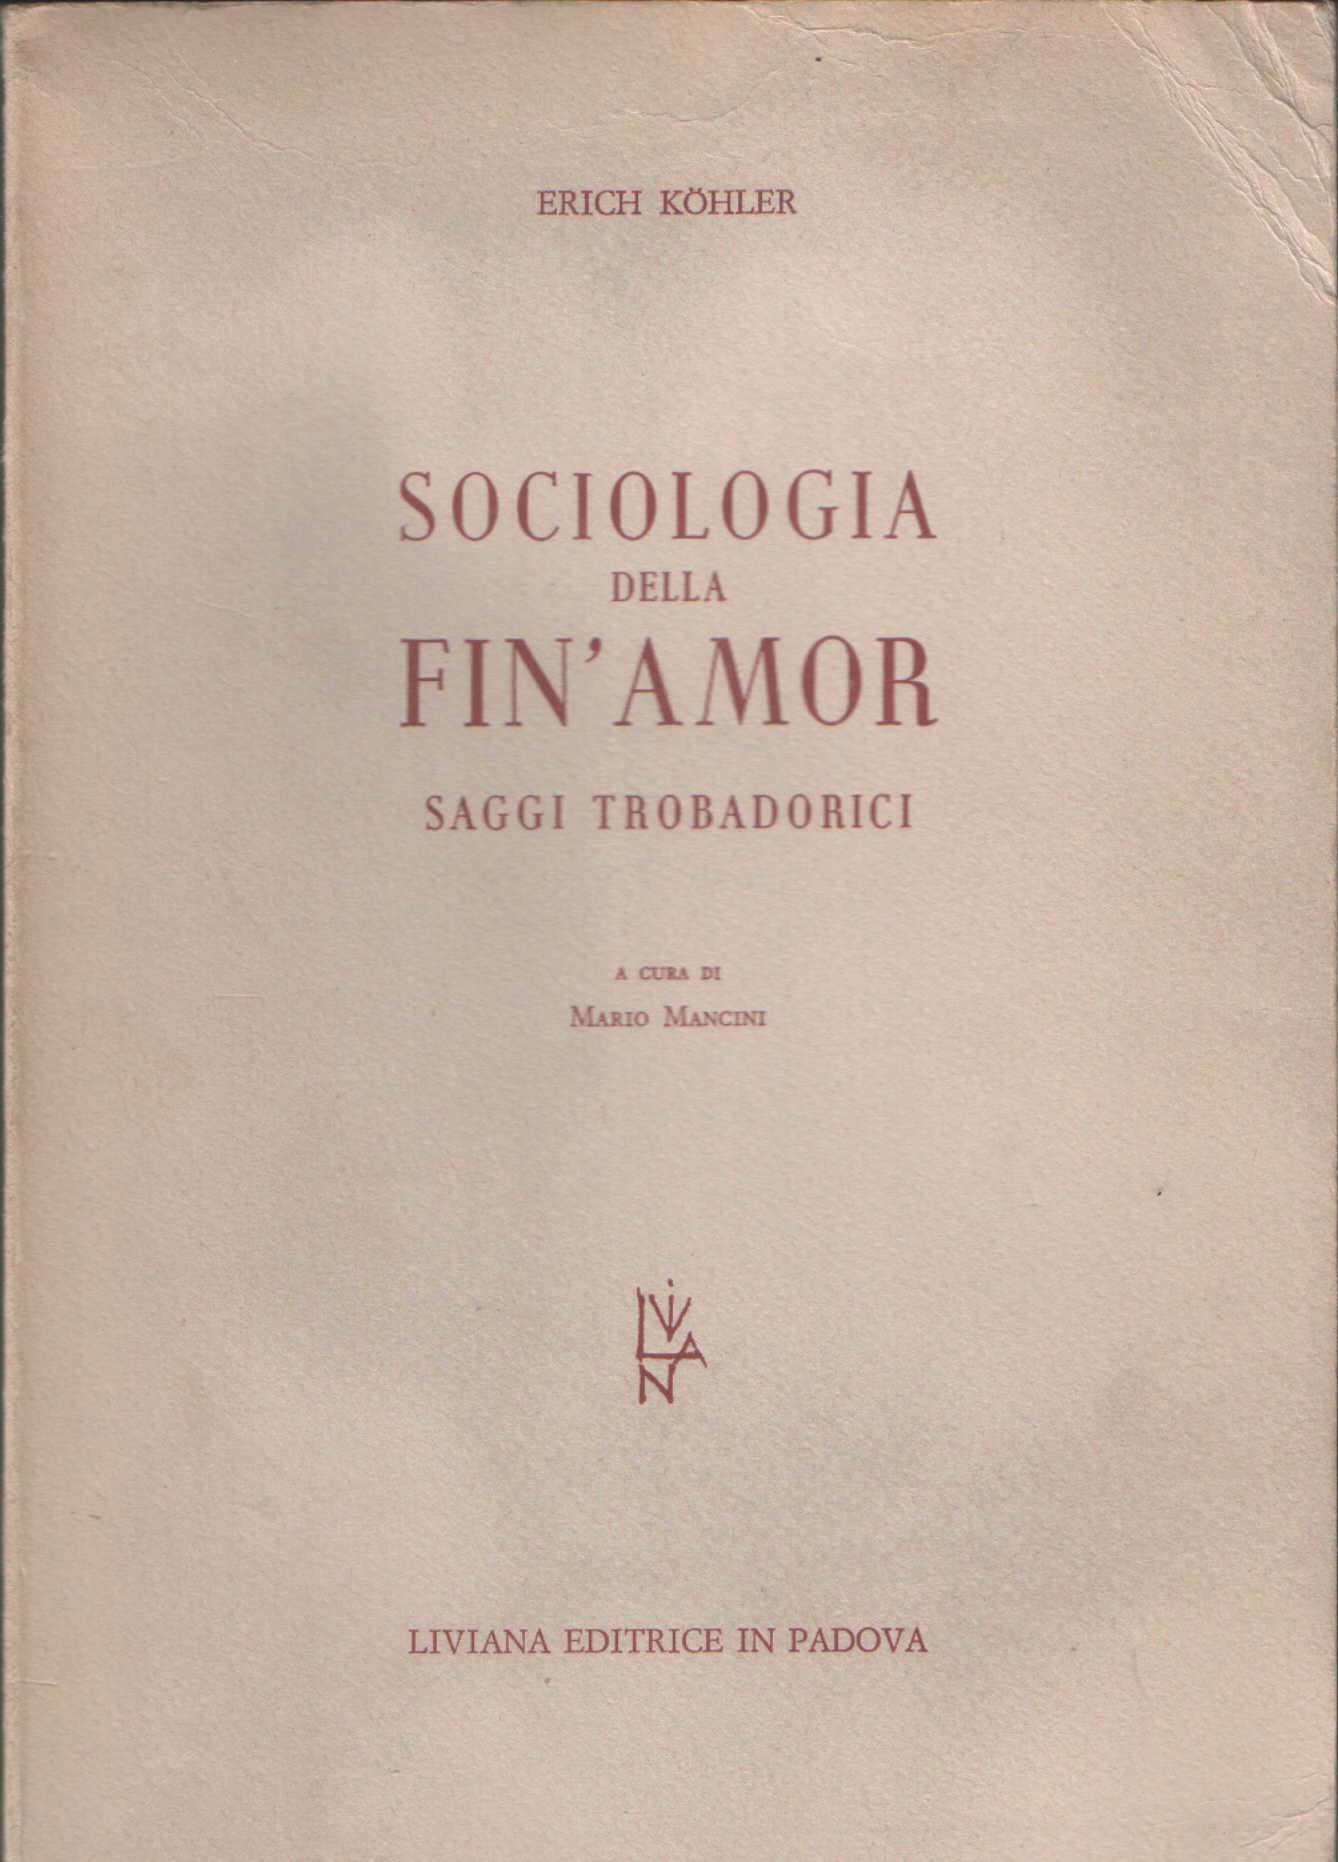 Sociologia della fin'amor